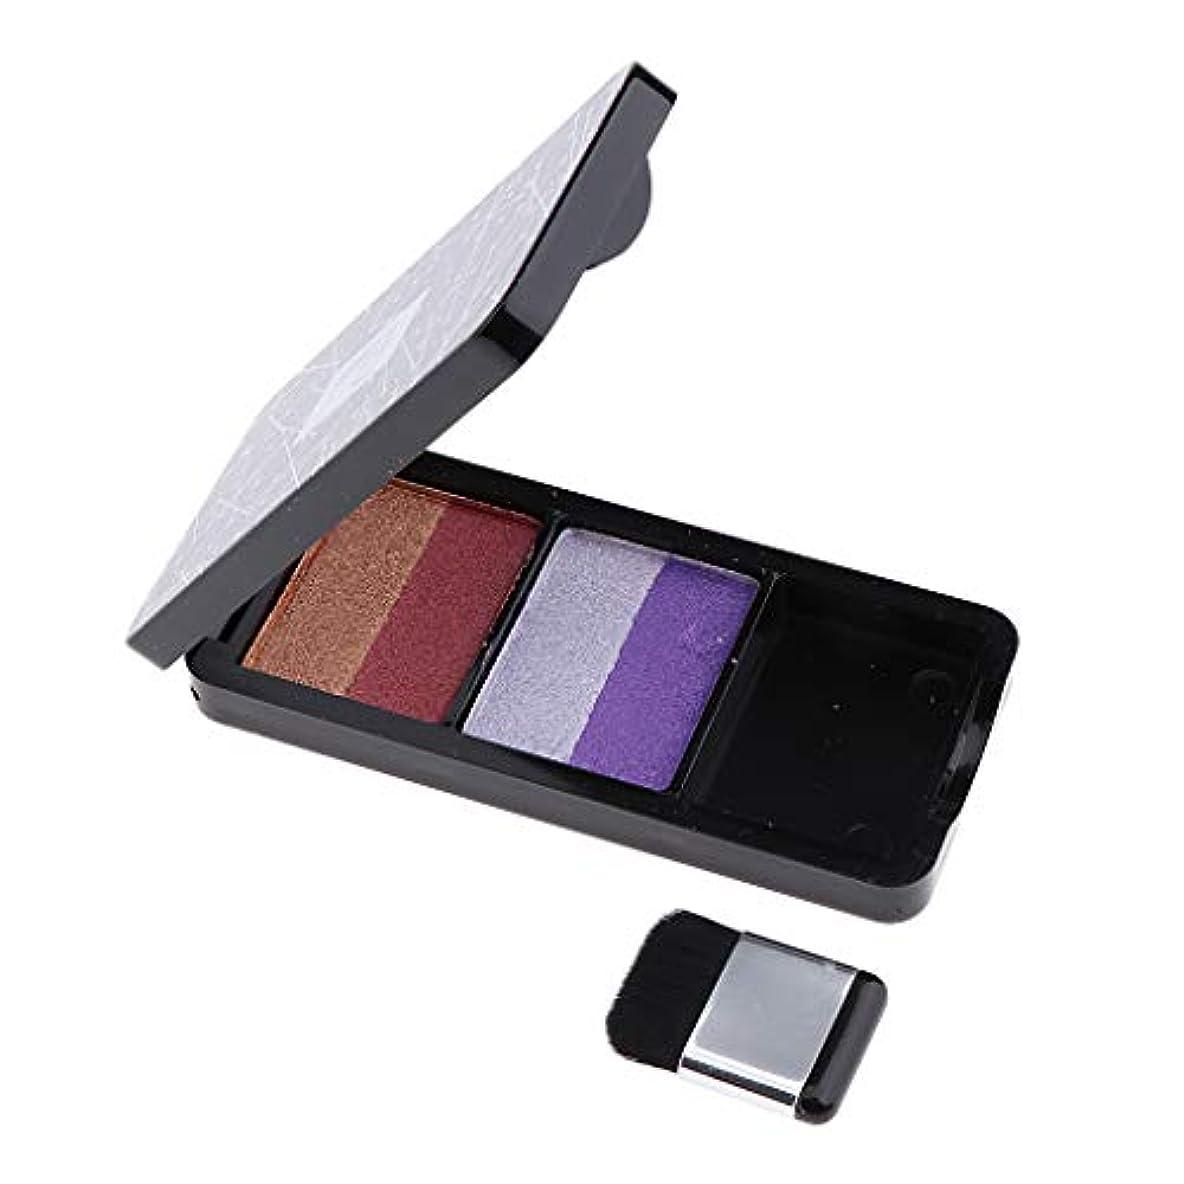 思いやり路地調和T TOOYFUL ブラシが付いている二重色のきらめきのきらめきのアイシャドウの粉パレット - 紫